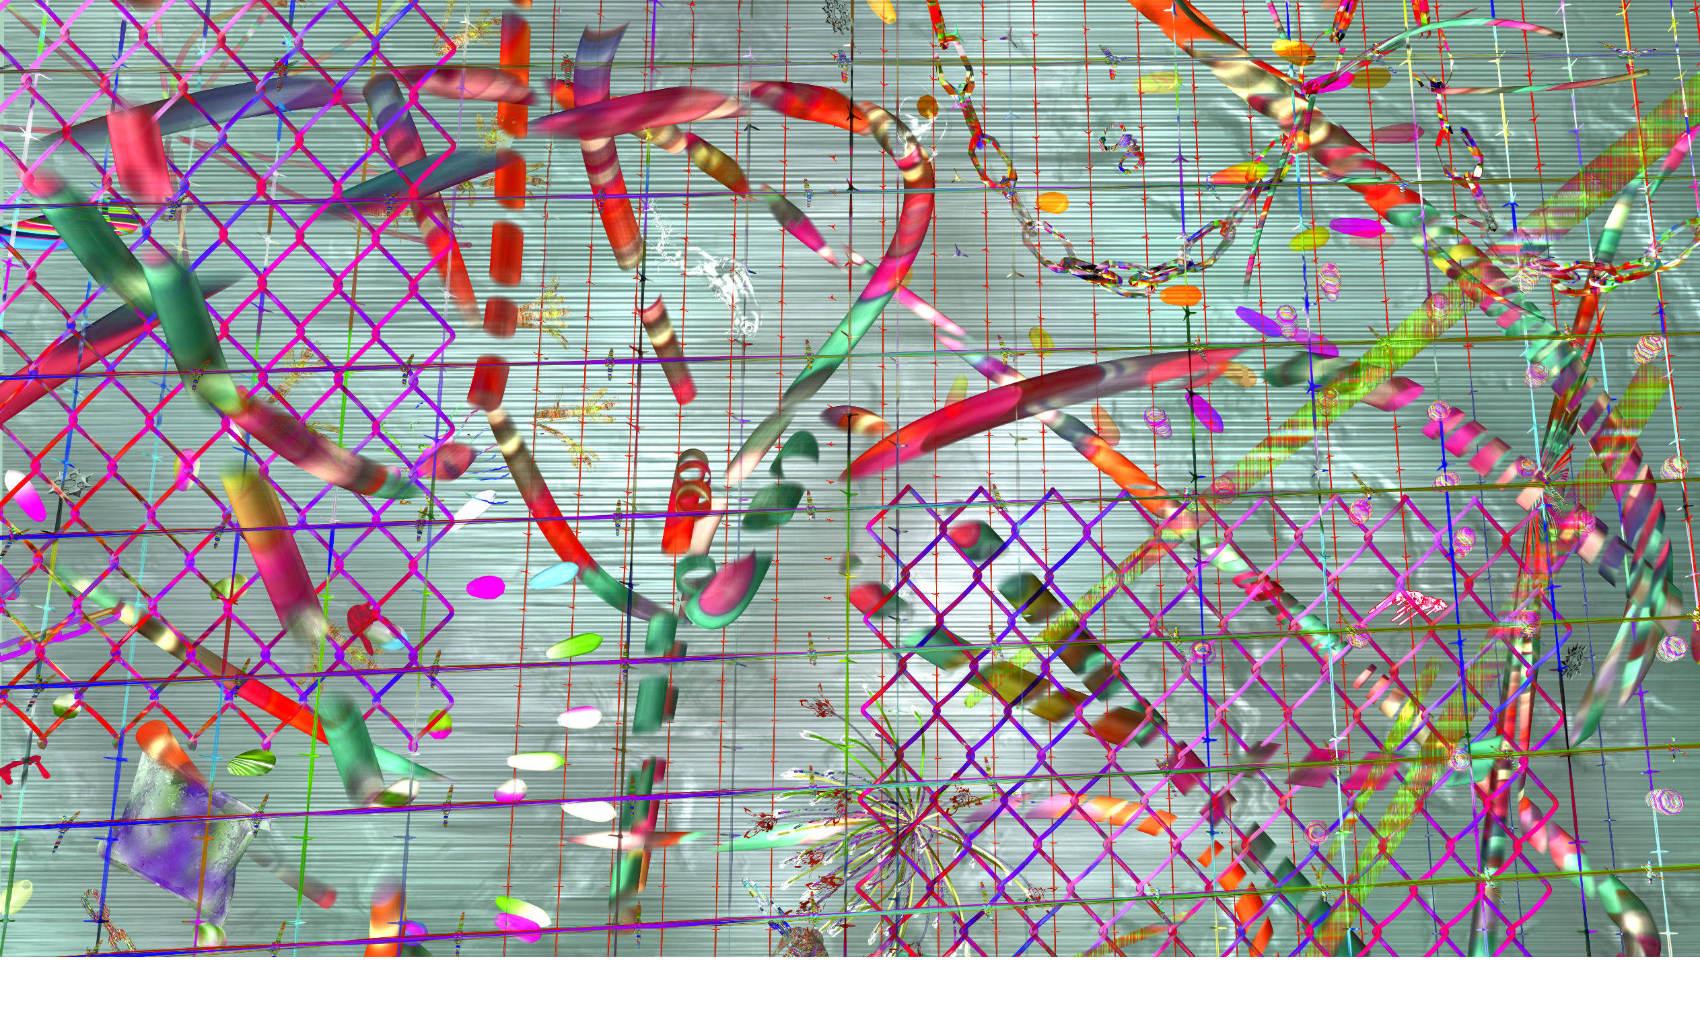 Virtual fence 4, 2018, Jet d'encre pigmentaire sur papier fine art, 101 x 170 cm, édition 3 ex.